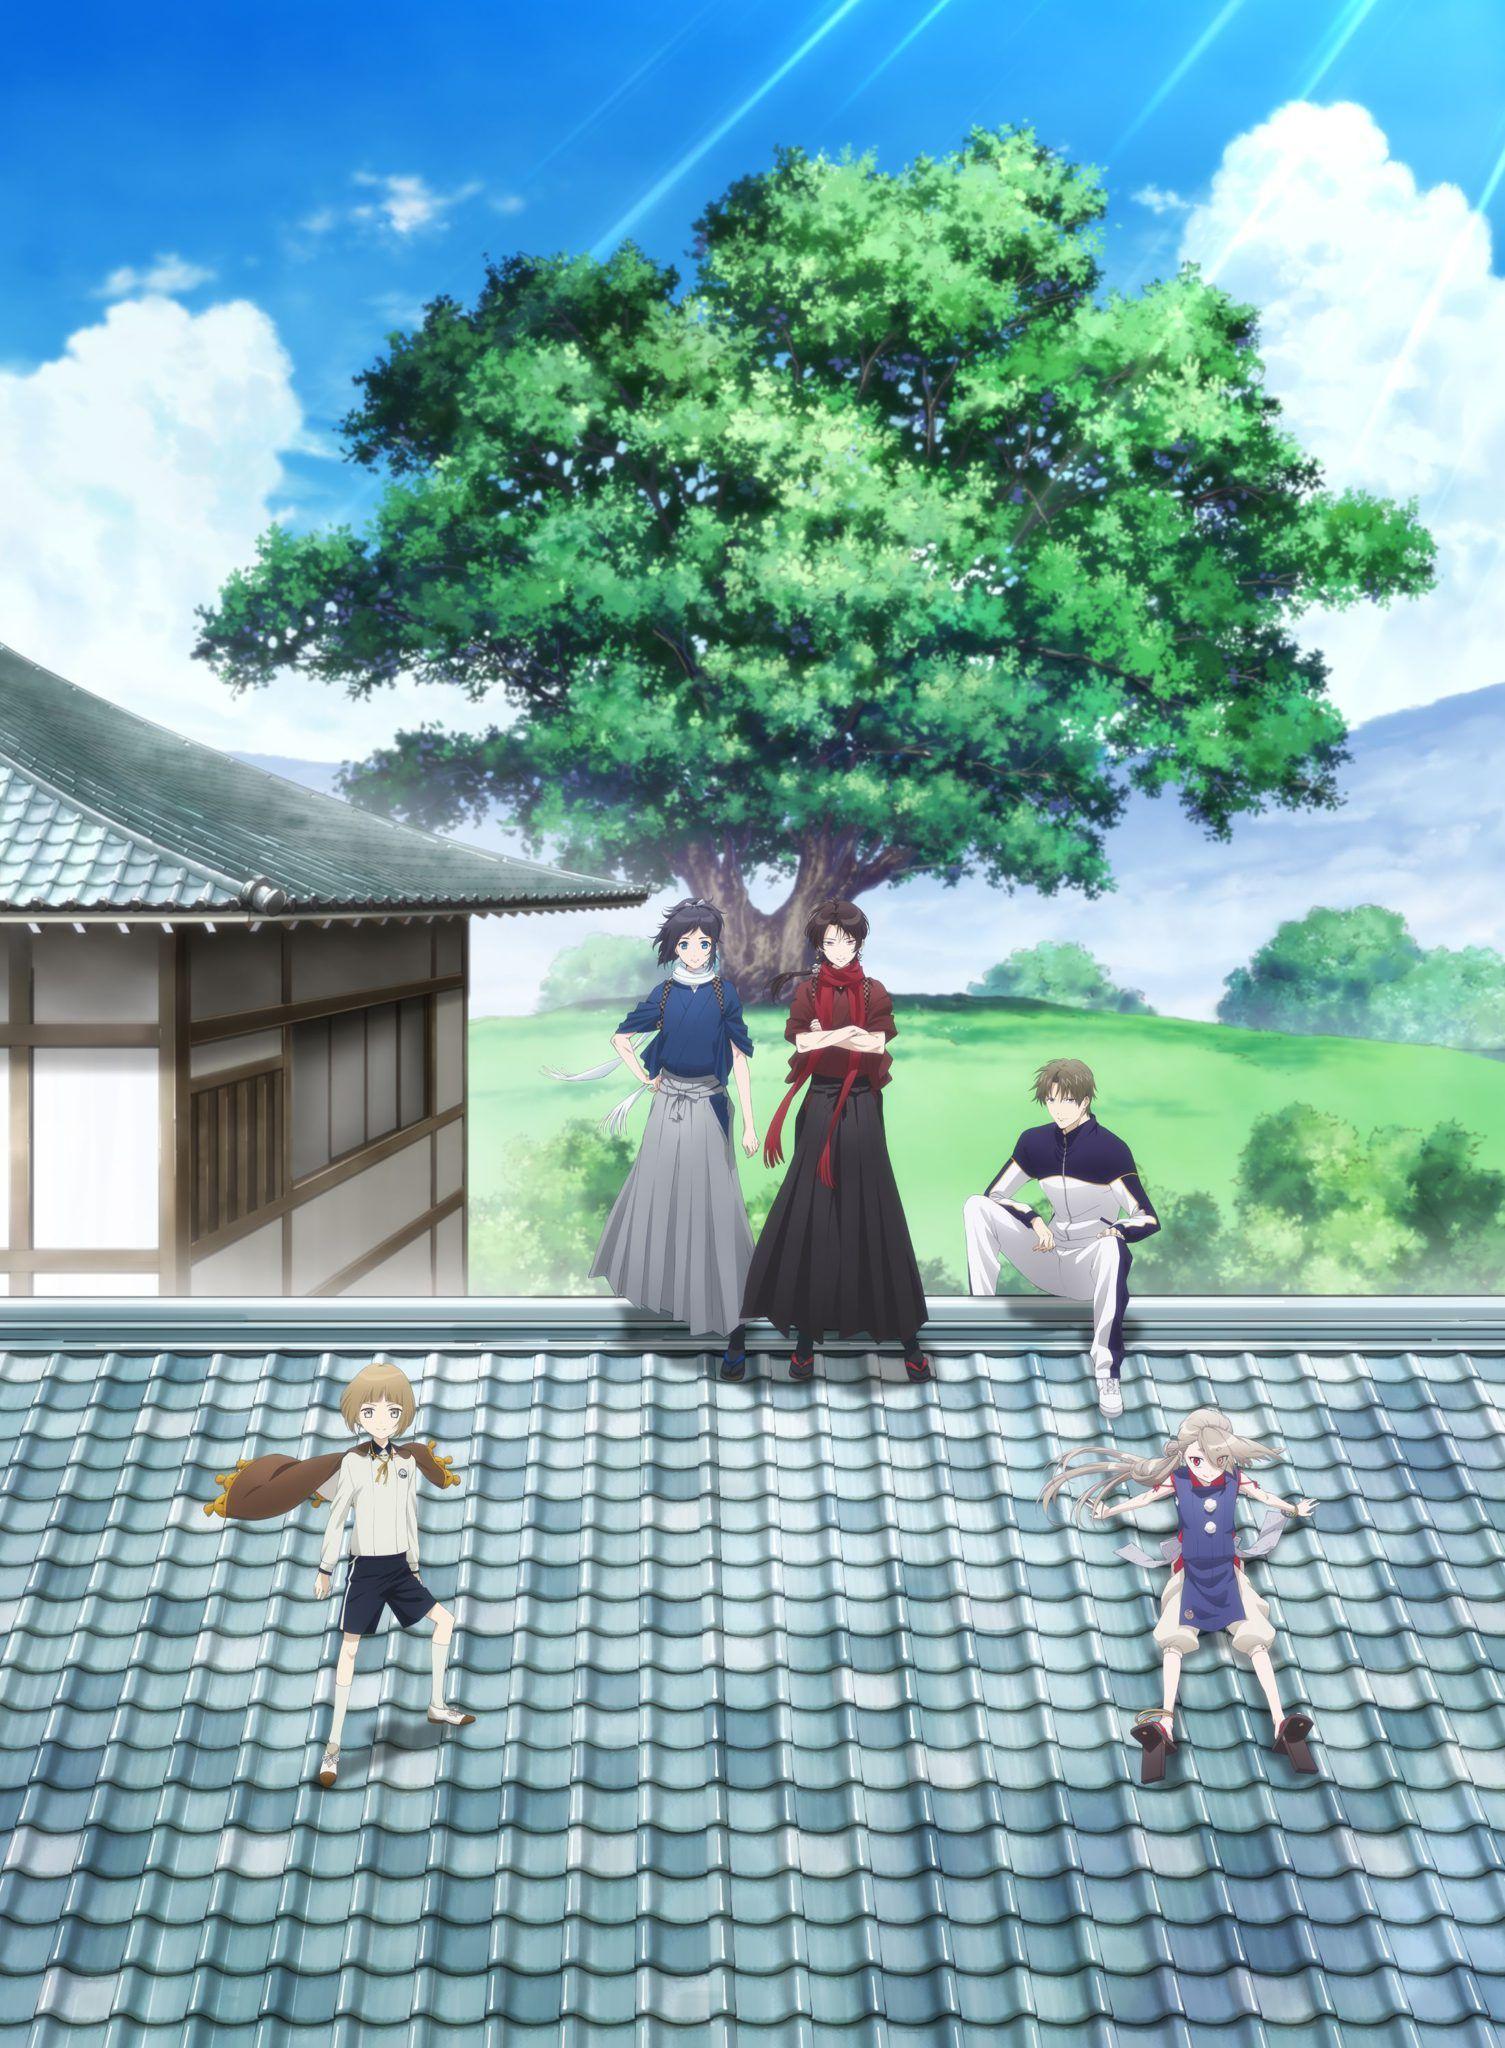 touken ranbu hanamaru key anime